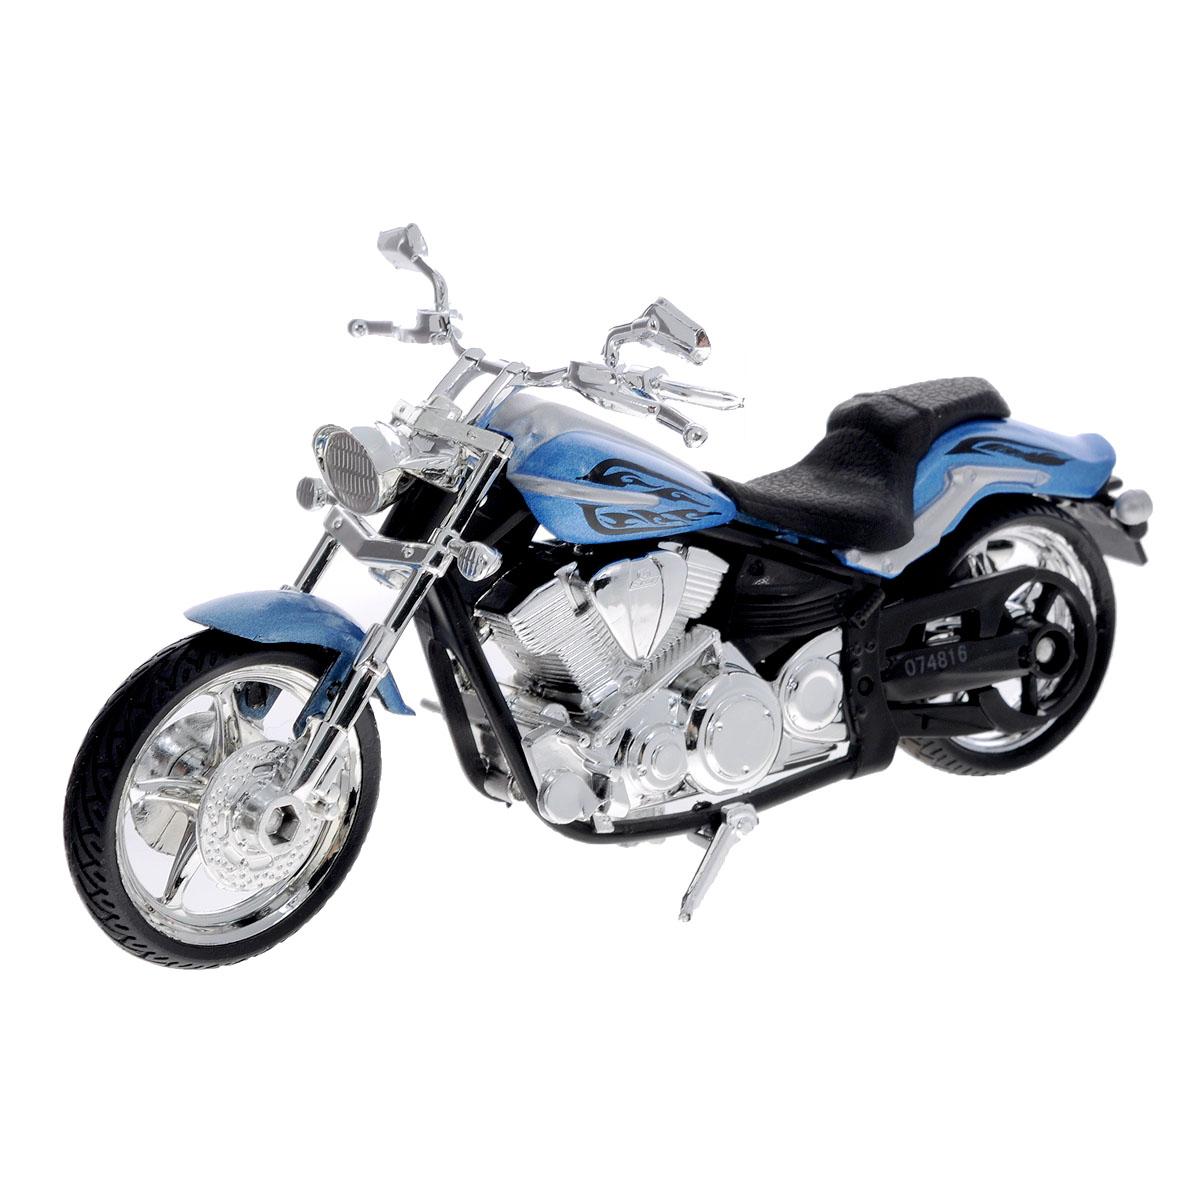 """Коллекционная модель мотоцикла MotorMax """"Star Raider S"""" выполнена из металла с элементами из пластика и представляет собой уменьшенную лицензионную копию мотоцикла Star Raider S. Модель отличается детализацией высшего уровня, проработкой мельчайших деталей, отличной прокраской как мелких, так и крупных элементов. Модель имеет ряд хромированных деталей и резиновые покрышки. Колеса мотоцикла крутятся; руль поворачивает переднее колесо. Модель помещена на пластиковую подставку, дополненную надписью с названием мотоцикла. Коллекционная модель мотоцикла MotorMax """"Star Raider S"""" понравится вашему ребенку и станет отличным дополнением любой коллекции."""